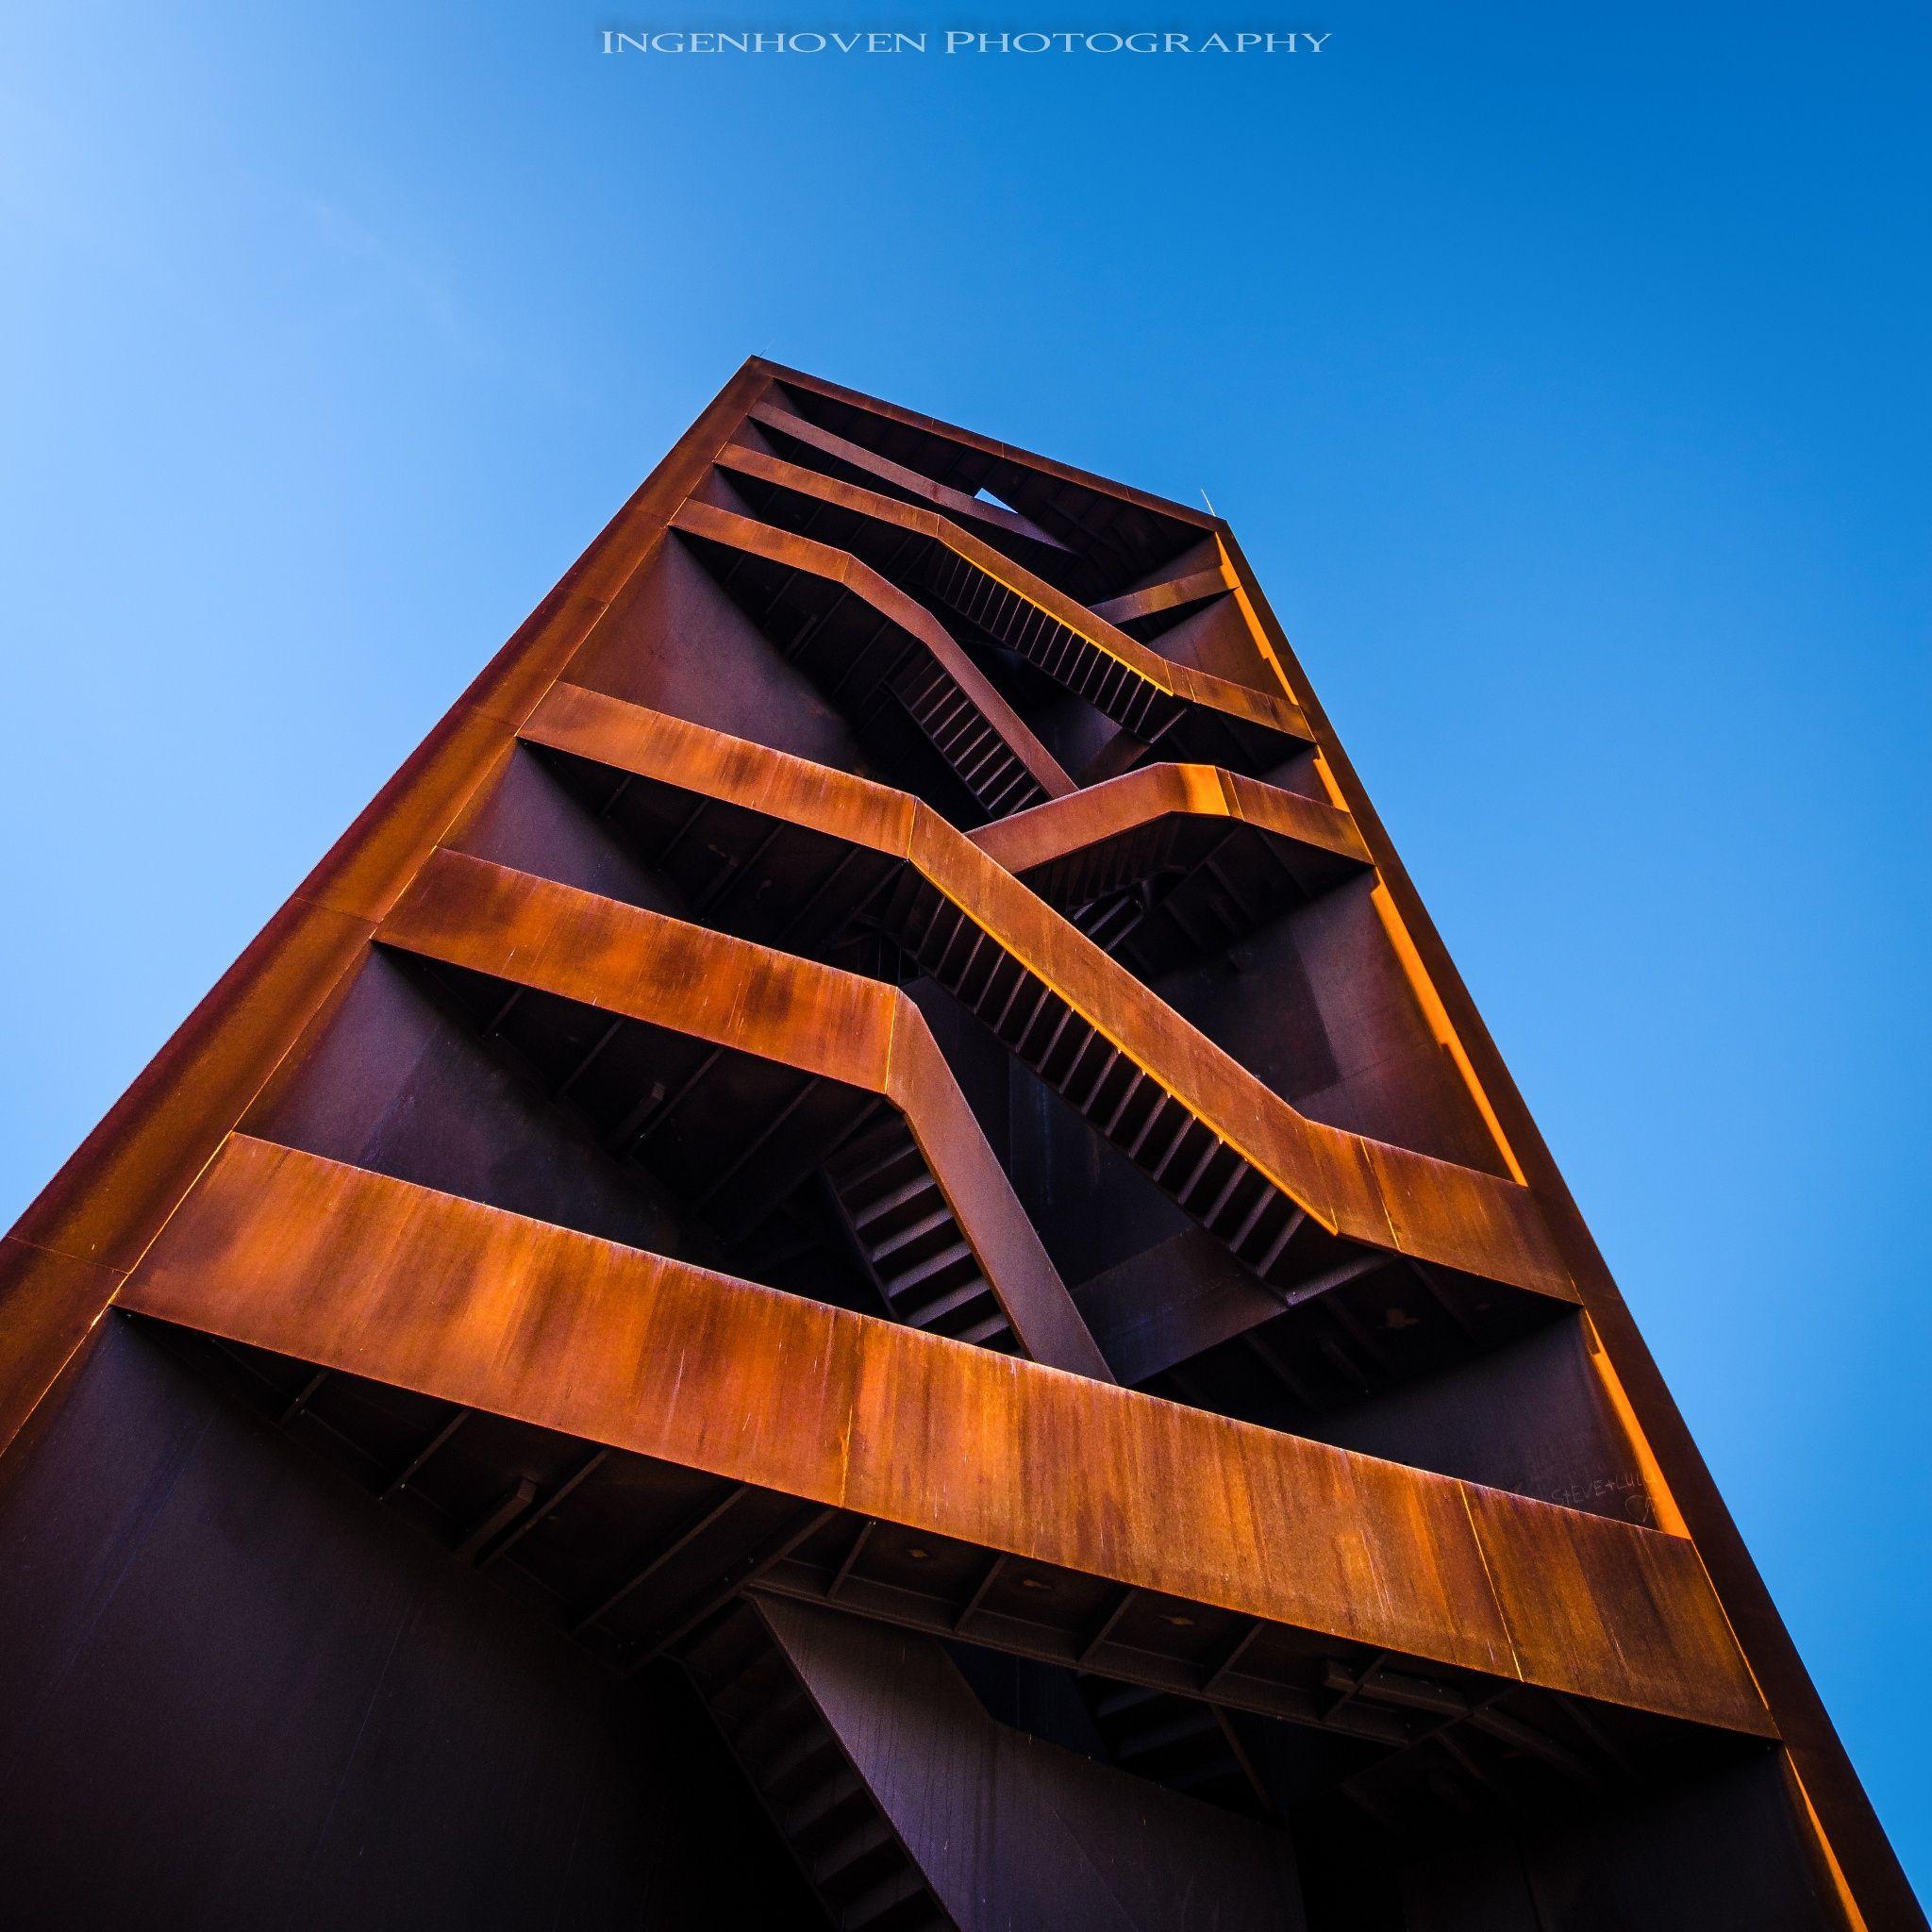 Treppenhaus - Ein Aussichtsturm in der Nähe von Cottbus. Er wird von ...